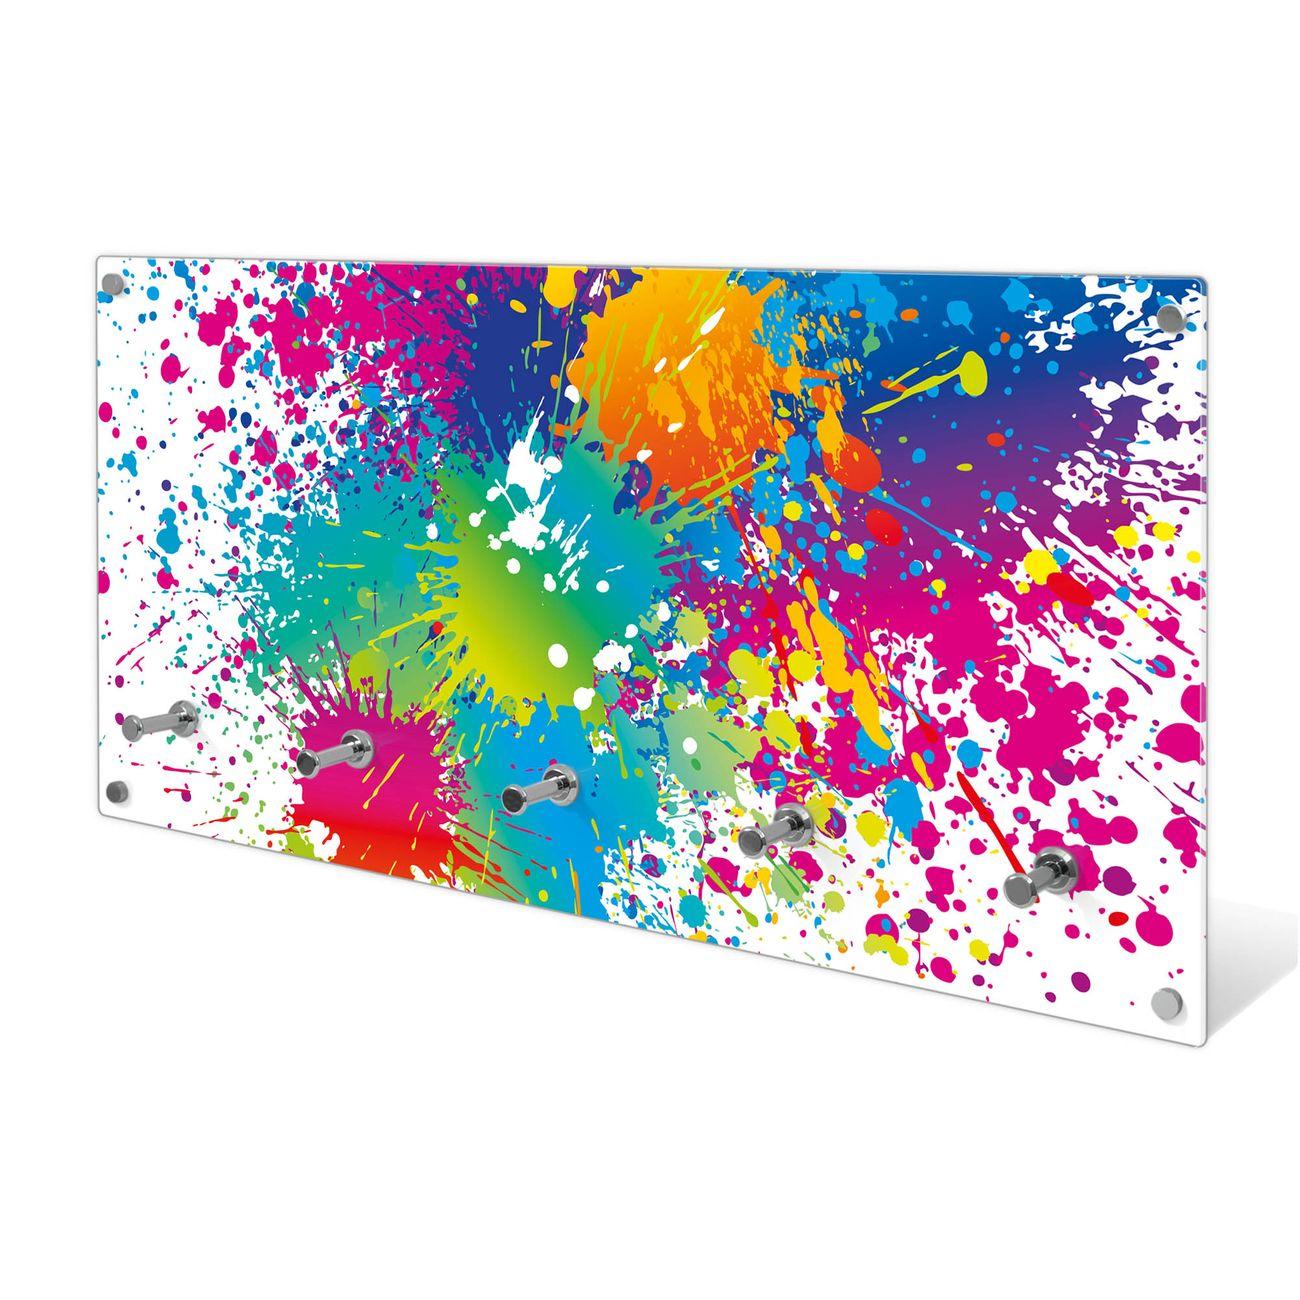 Garderobe aus Glas Motiv Farbspritzer